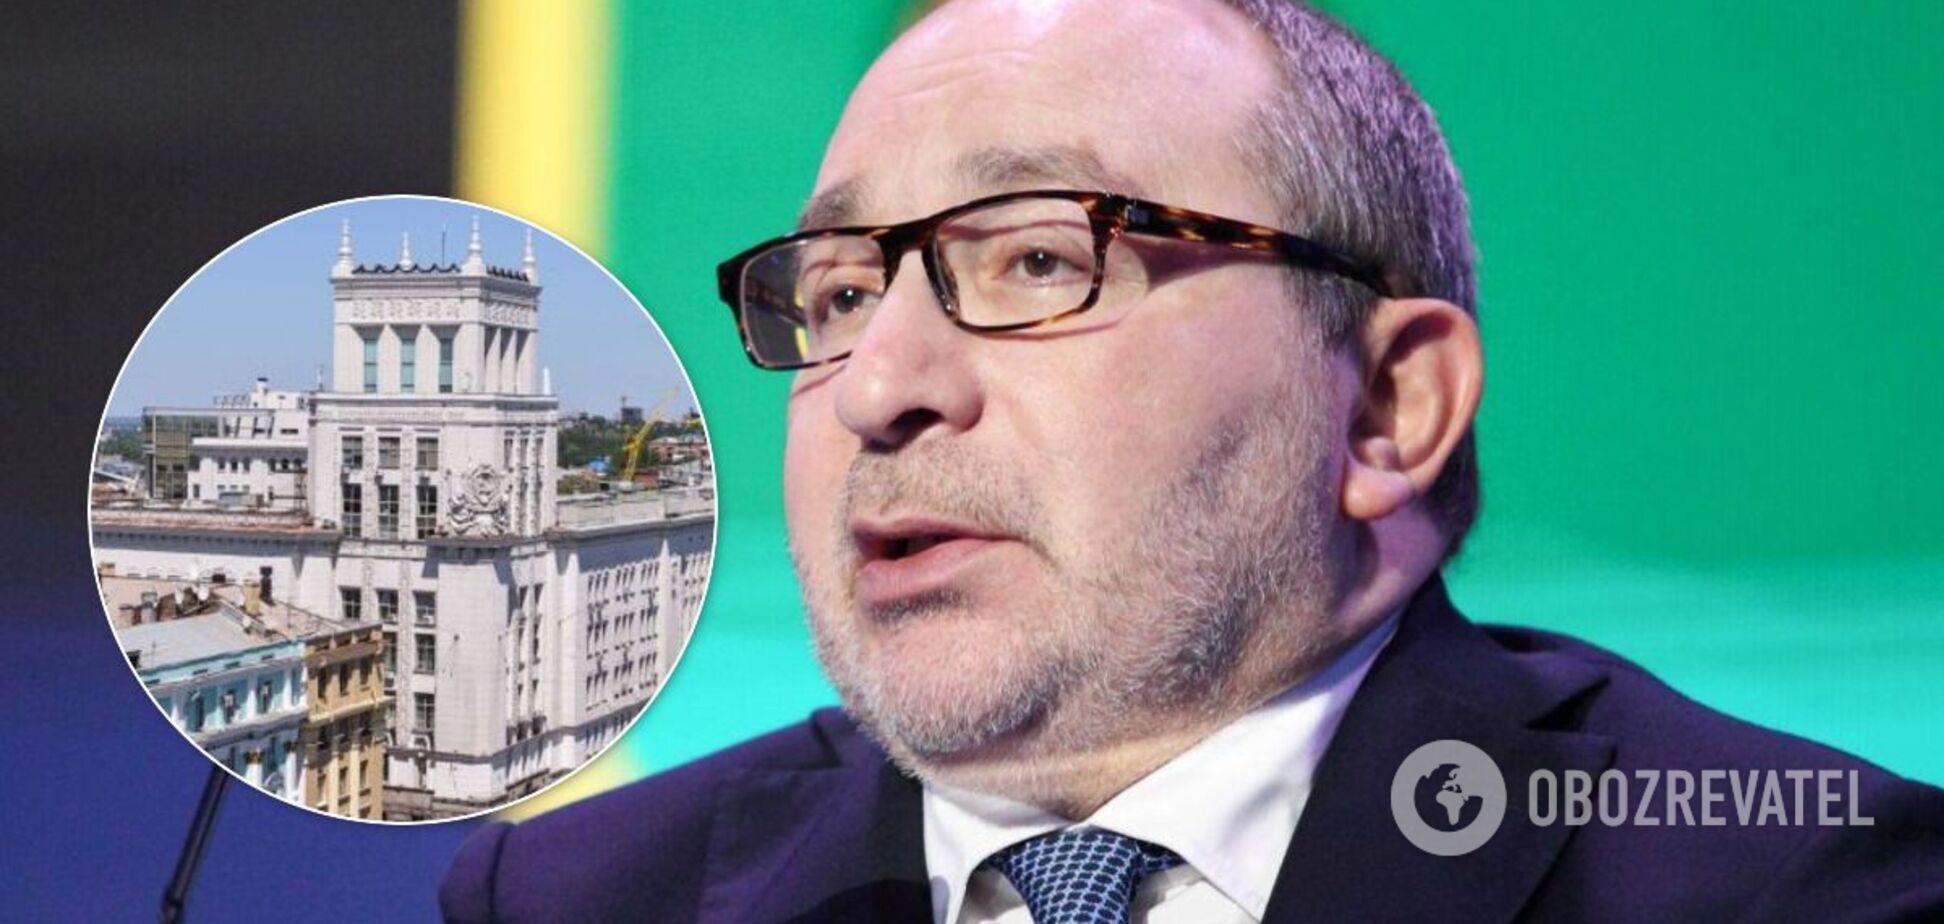 Кернес заочно получил полномочия мэра Харькова и предложил горсовету 'преемника'